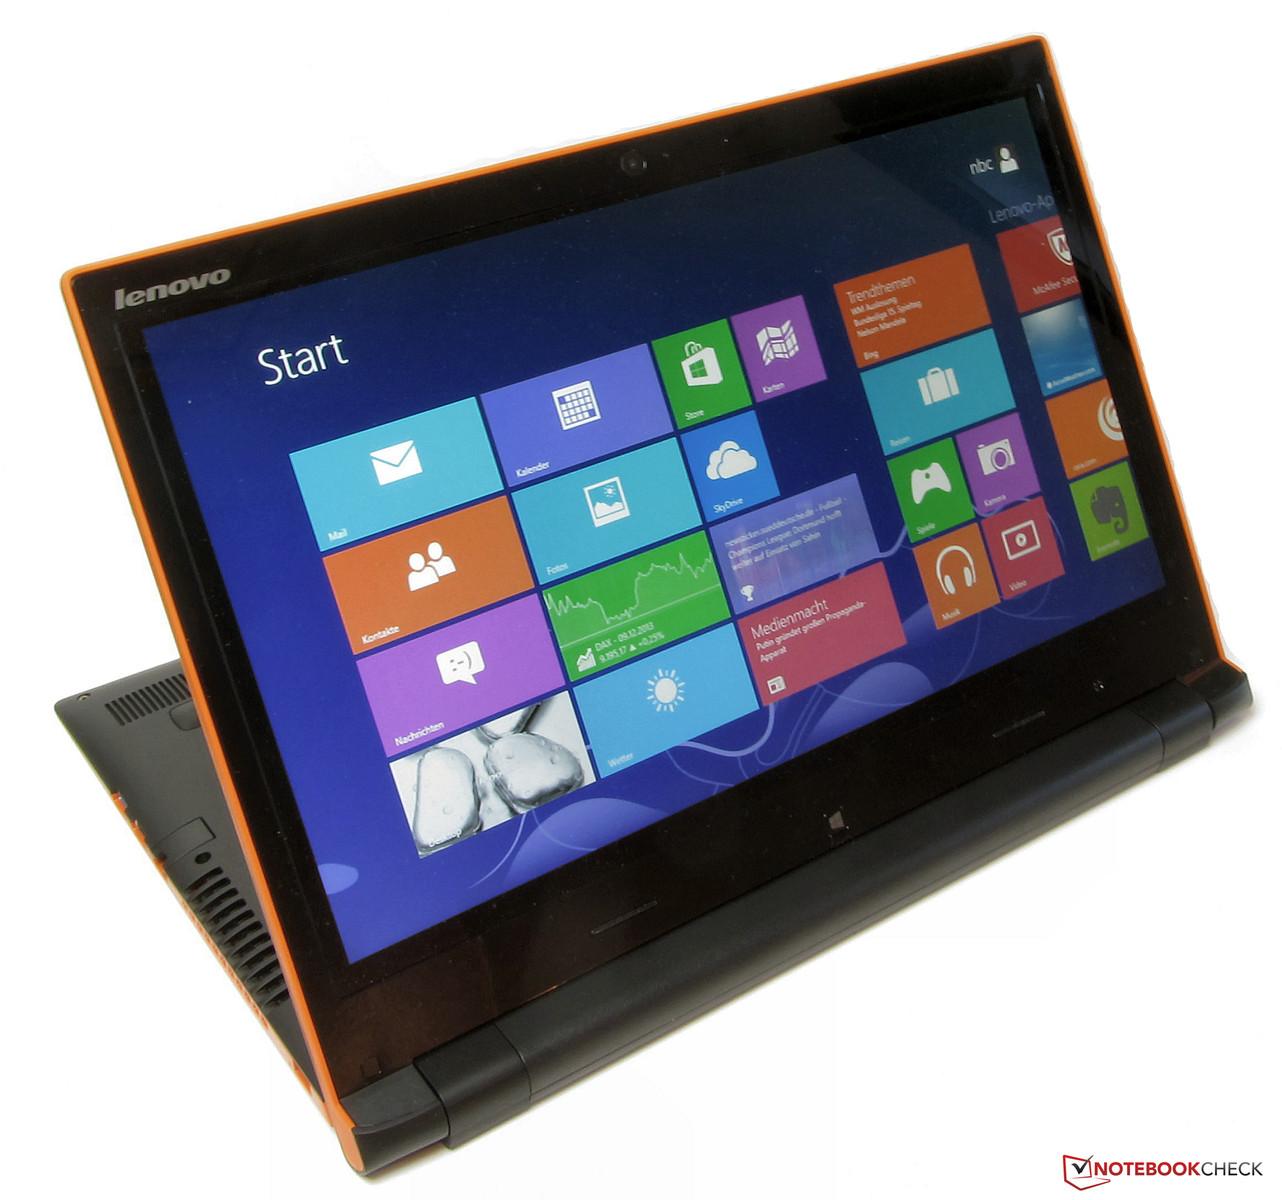 10 Photos 15 Reviews: Review Lenovo IdeaPad Flex 15 Notebook